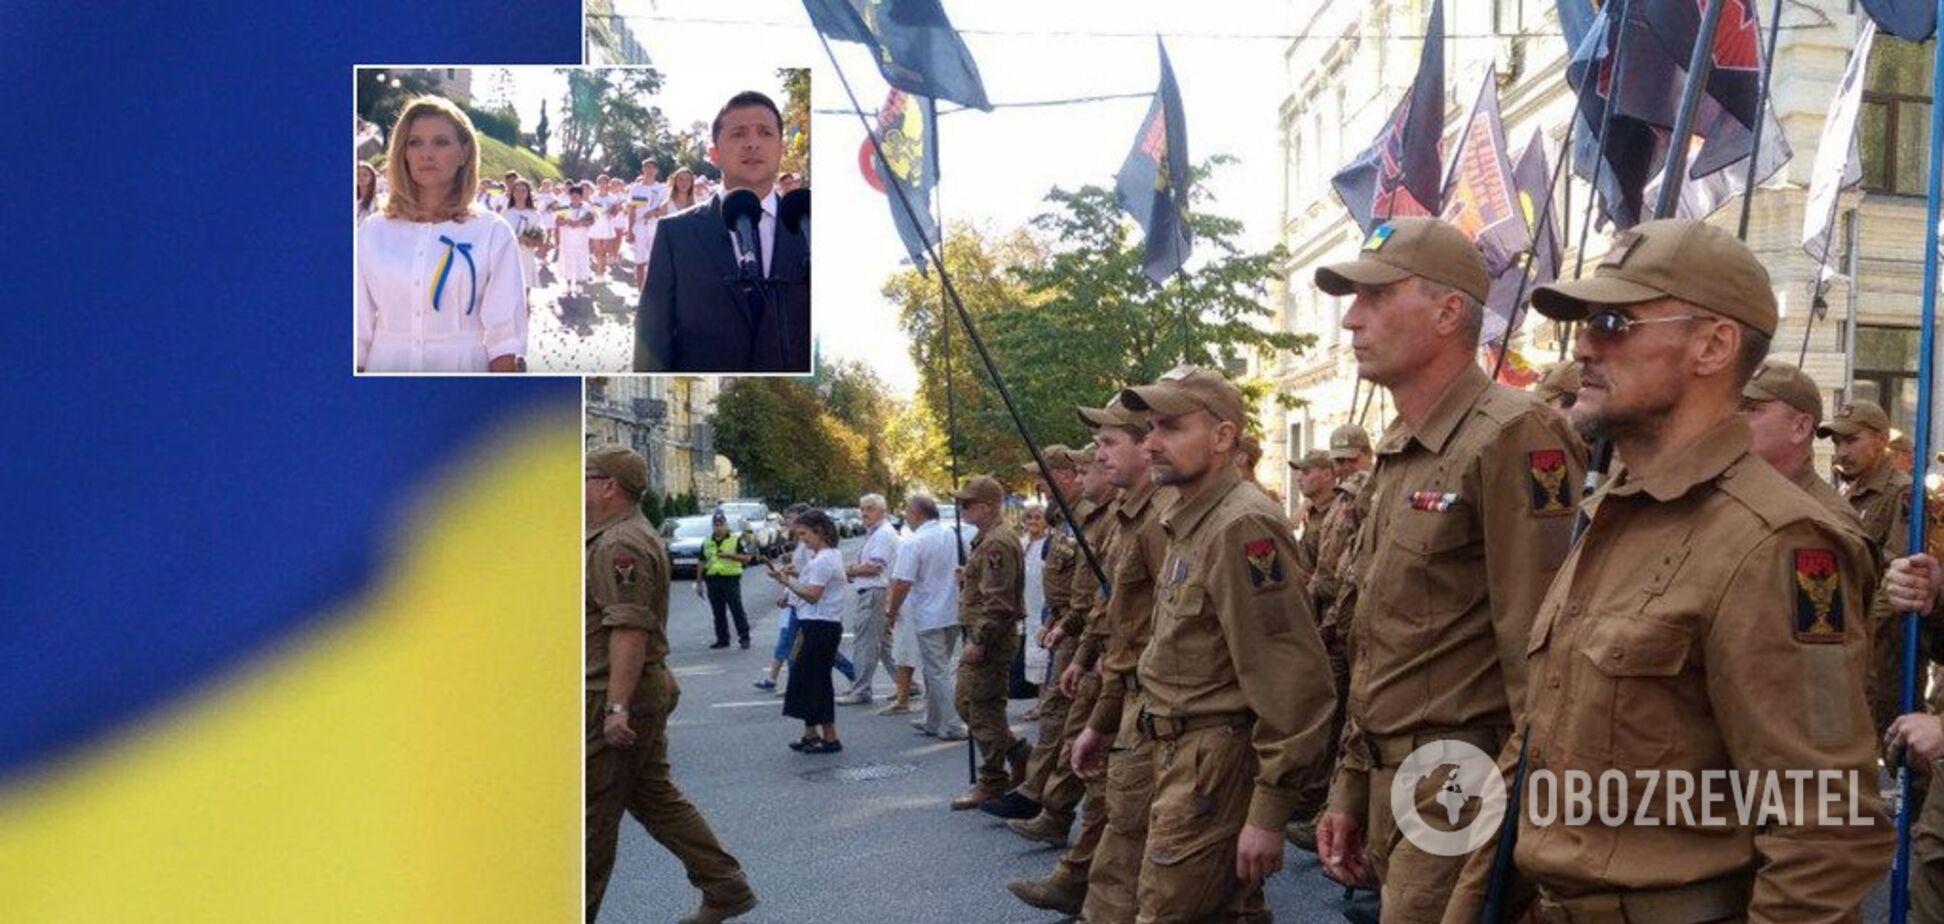 С парадом вышиванок и молитвой за мир: как Украина встретила День Независимости